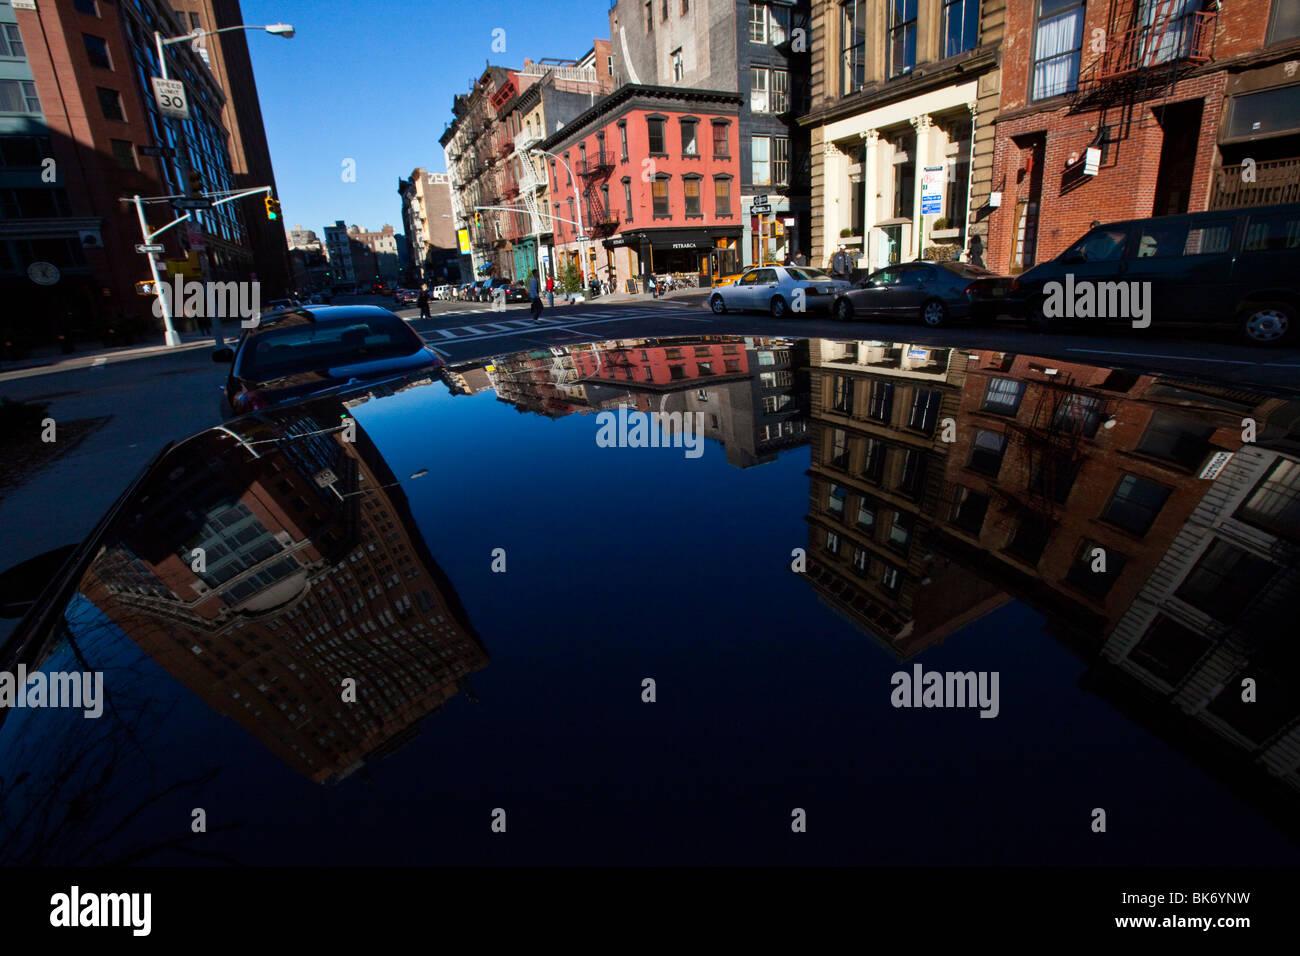 Reflexion von einer Lackierung Fahrerhaus in Tribeca, Manhattan, New York Stockbild